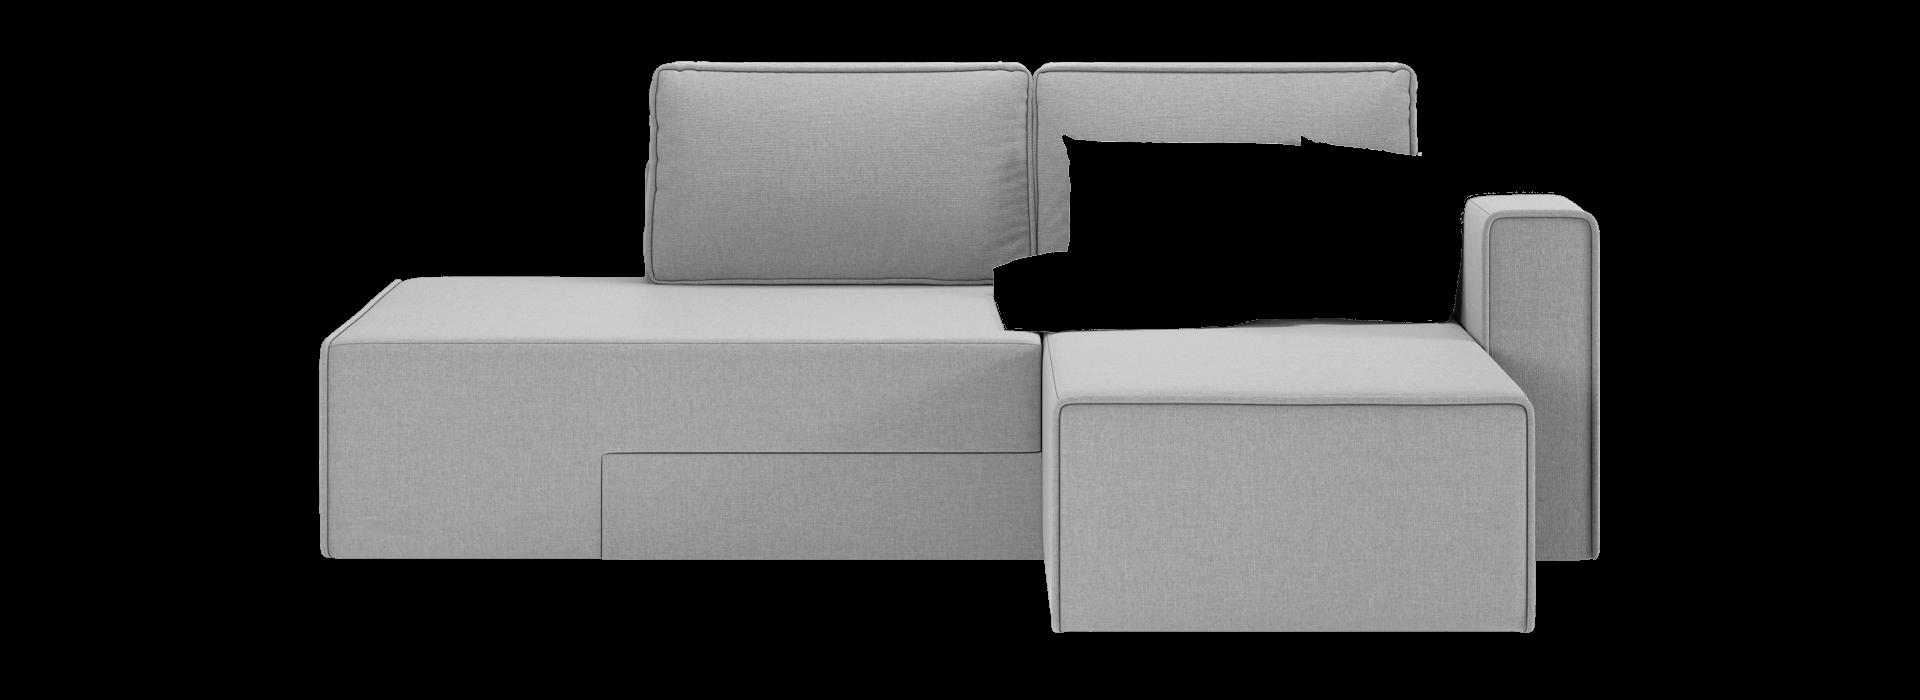 Лоренс кутовий поворотний диван - маска 1